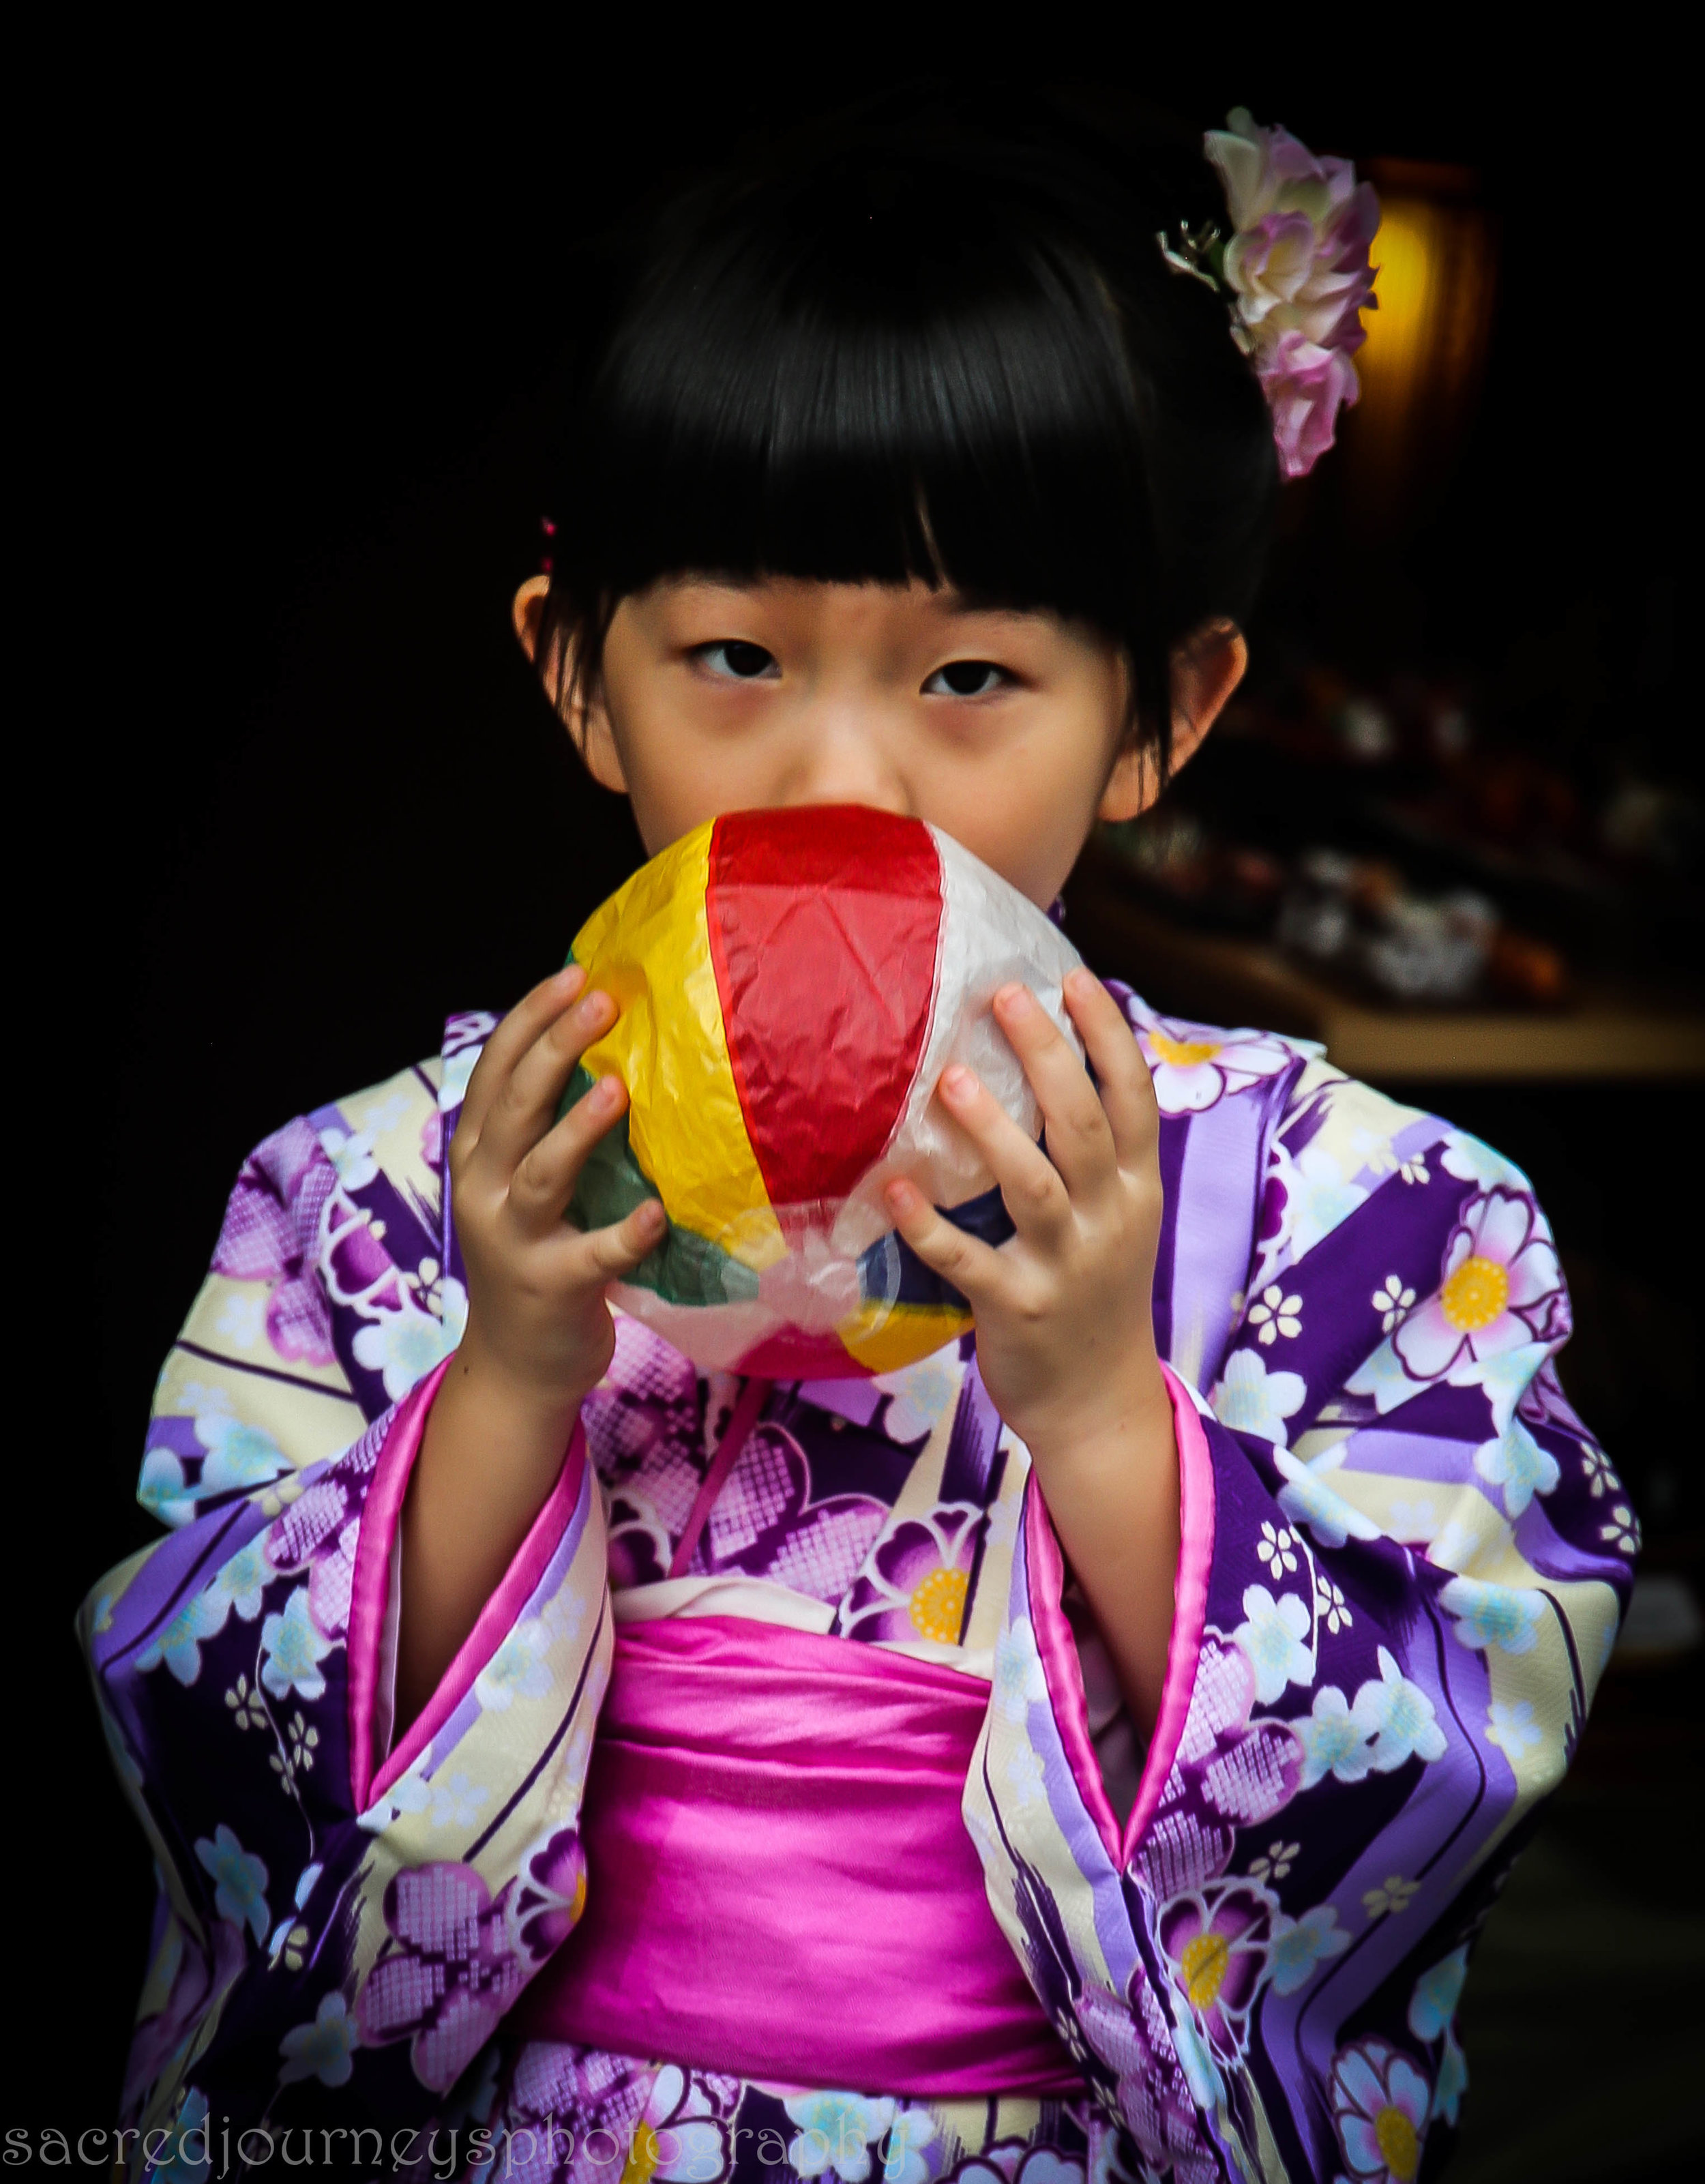 Japan October 2016 Kyoto Nirnkaar and Satdarshan 920.jpg